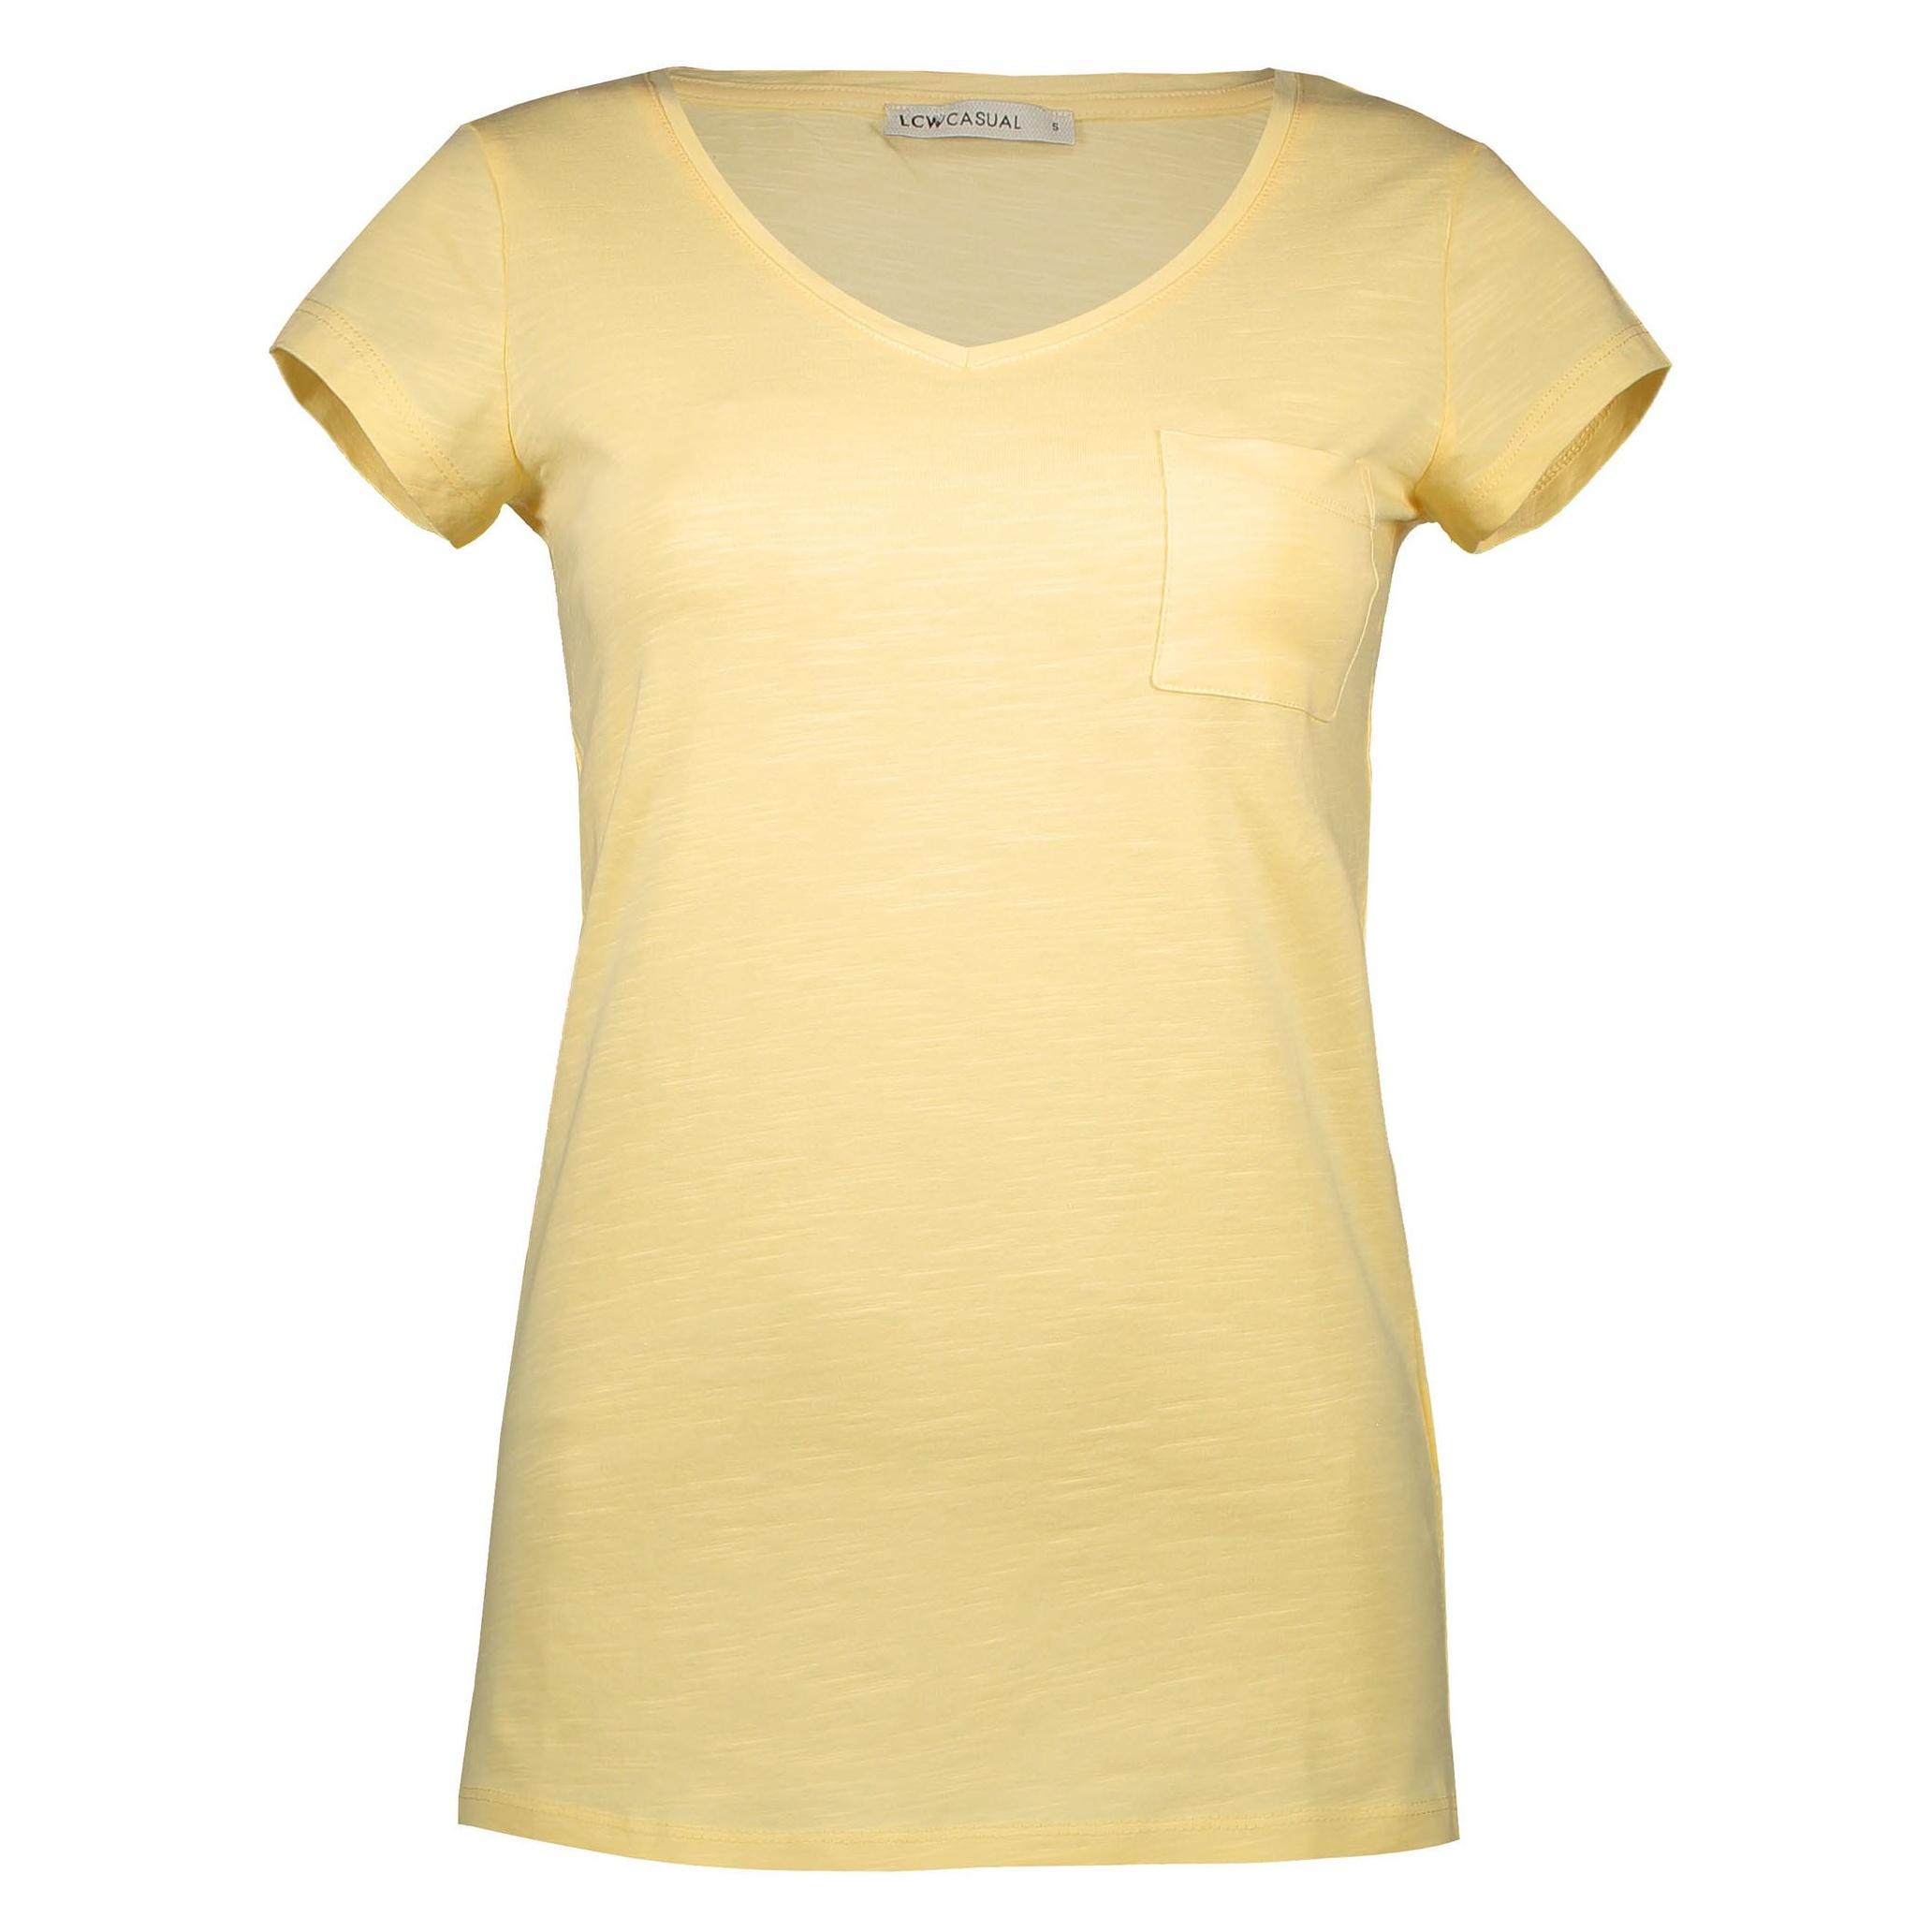 تی شرت نخی یقه هفت زنانه - ال سی وایکیکی - زرد - 3